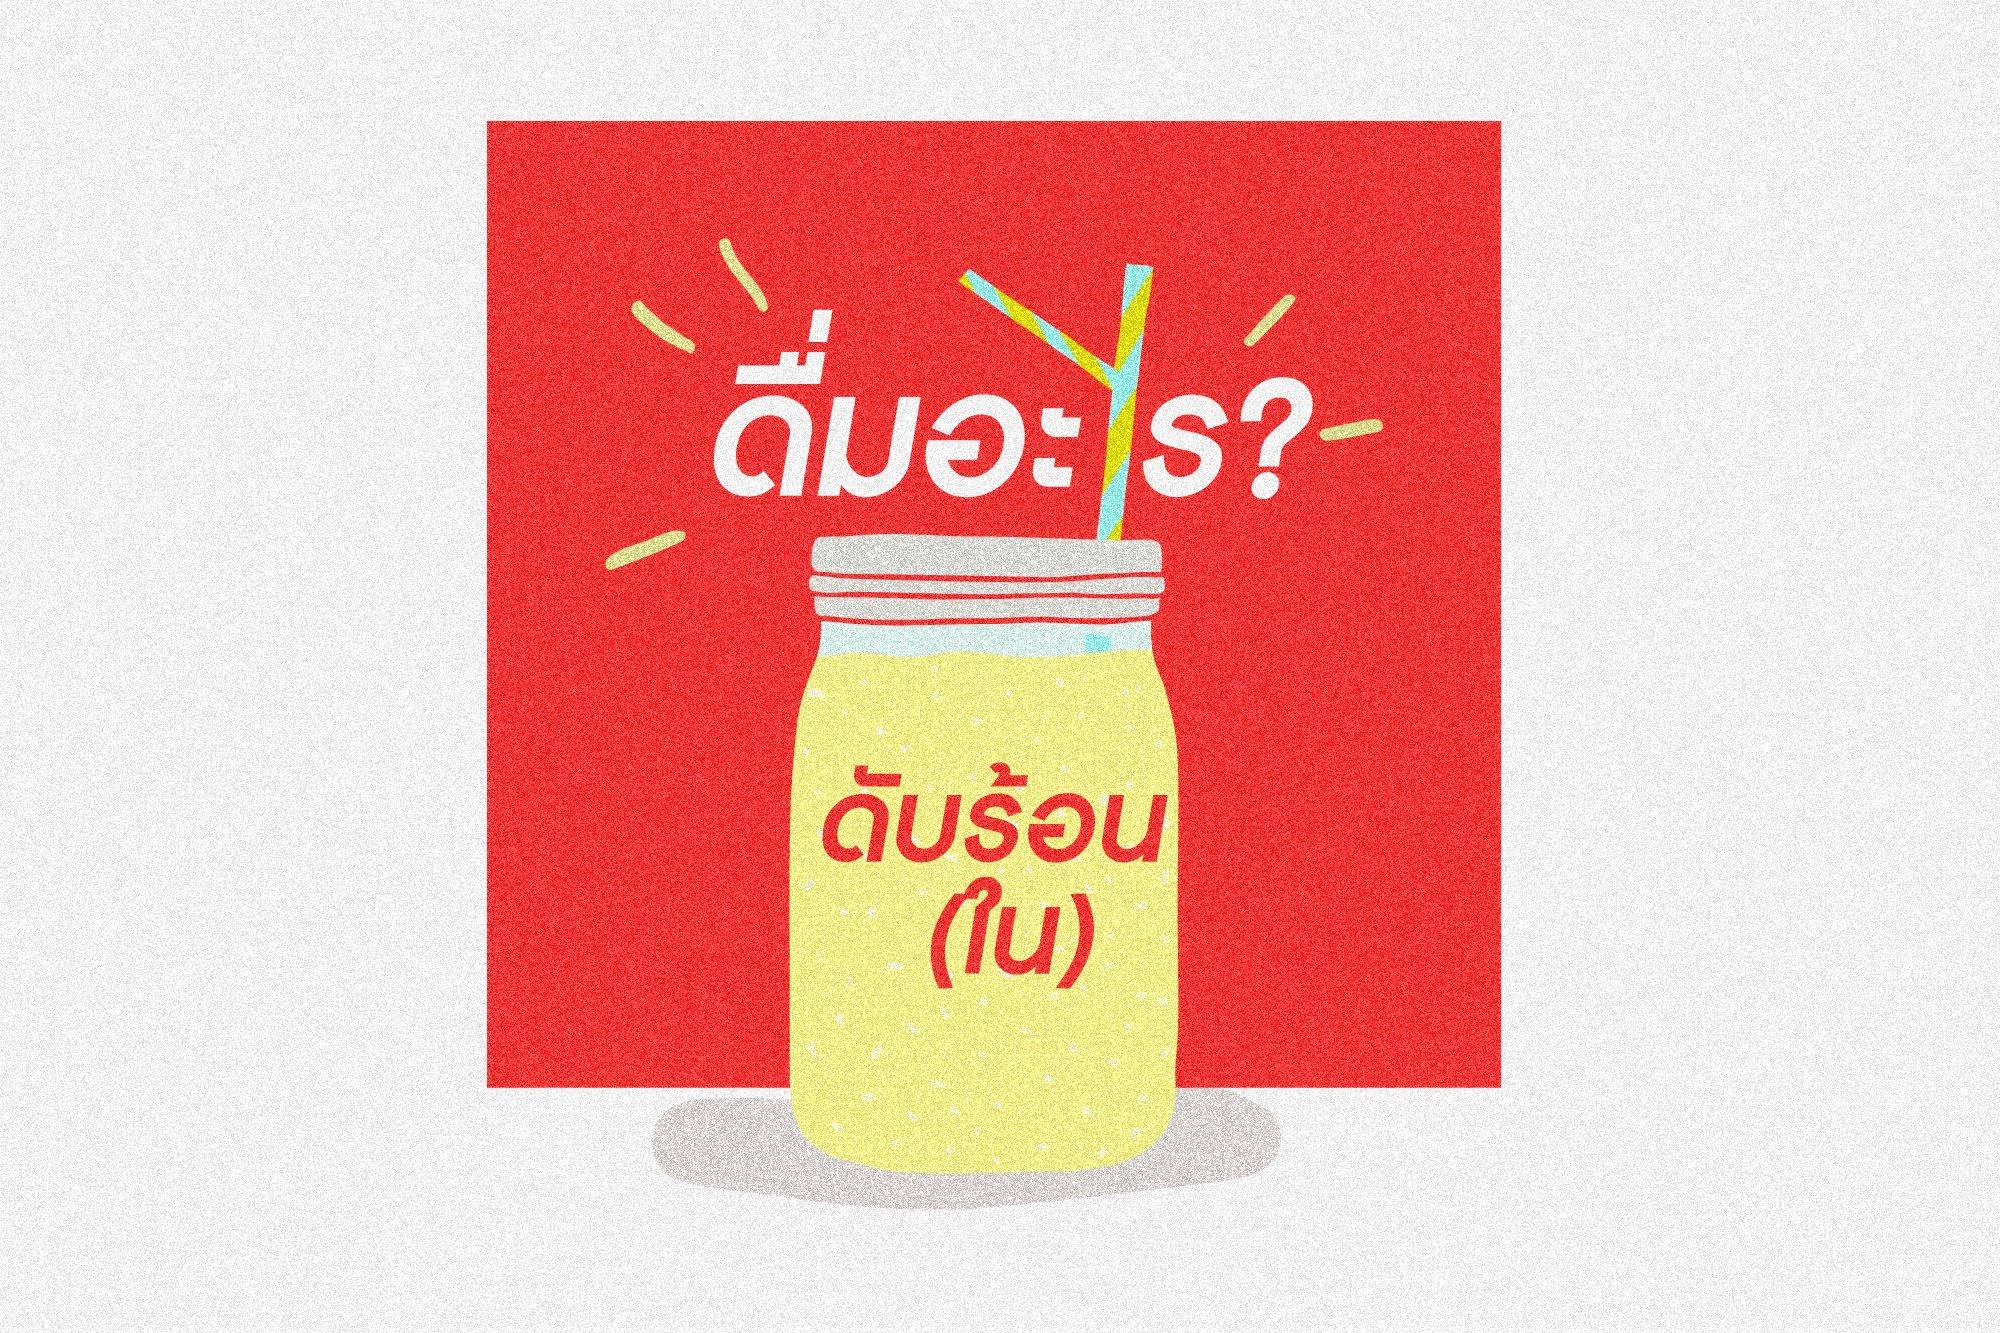 ดื่มอะไร? ดับร้อน (ใน) thaihealth